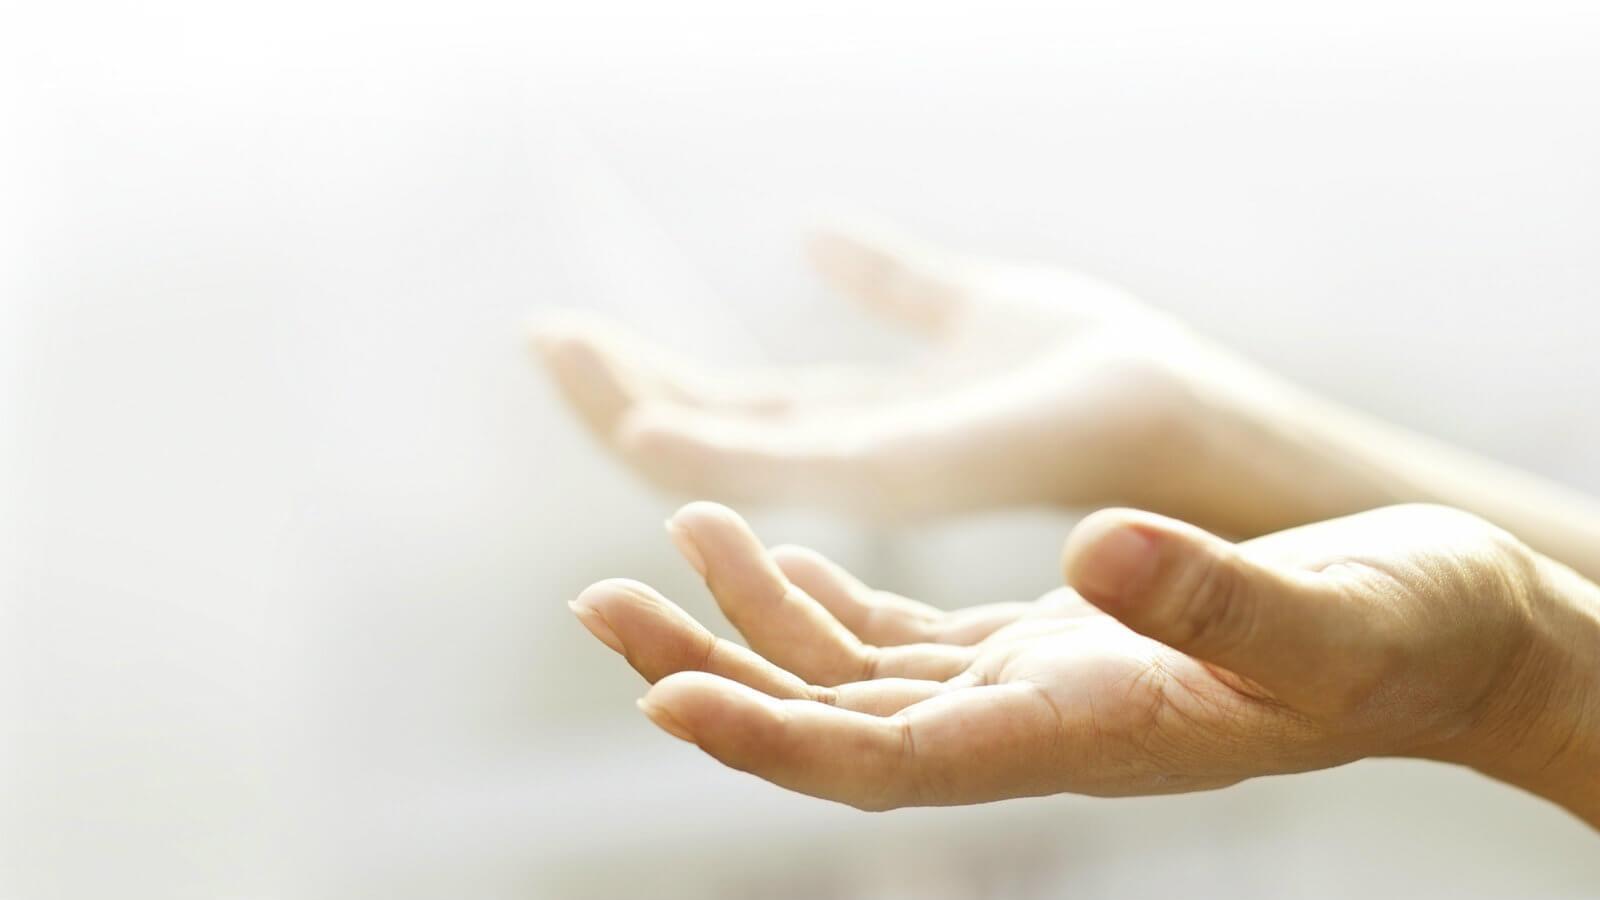 بهداشت فردی از دیدگاه امامان و معصومین (ع)